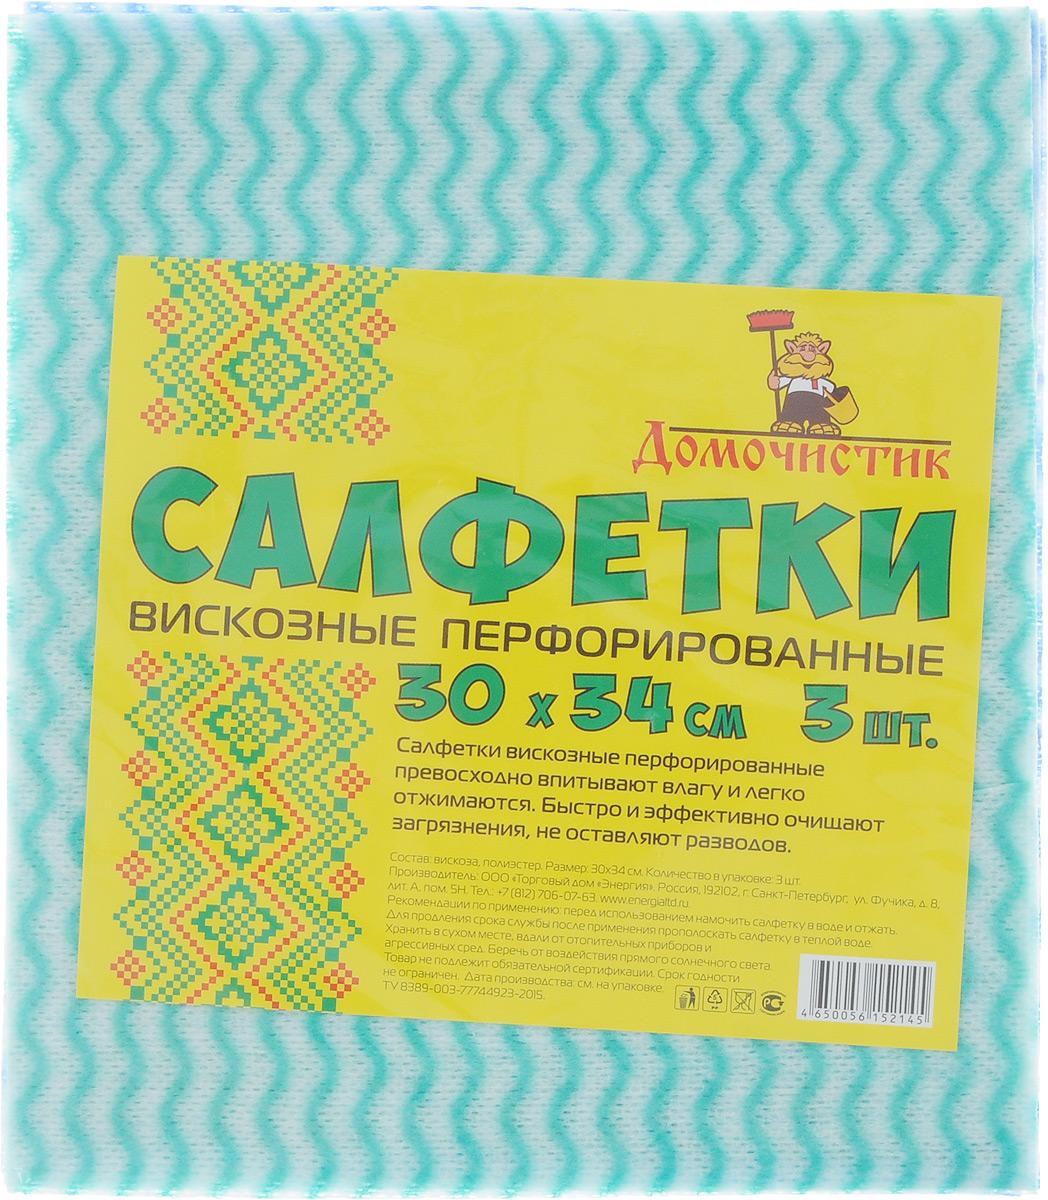 Салфетка для уборки Домочистик из вискозы, перфорированная, цвет: зеленый, синий, белый, 30 x 34 см, 3 шт. 13006 комплект для уборки ecovacs d76